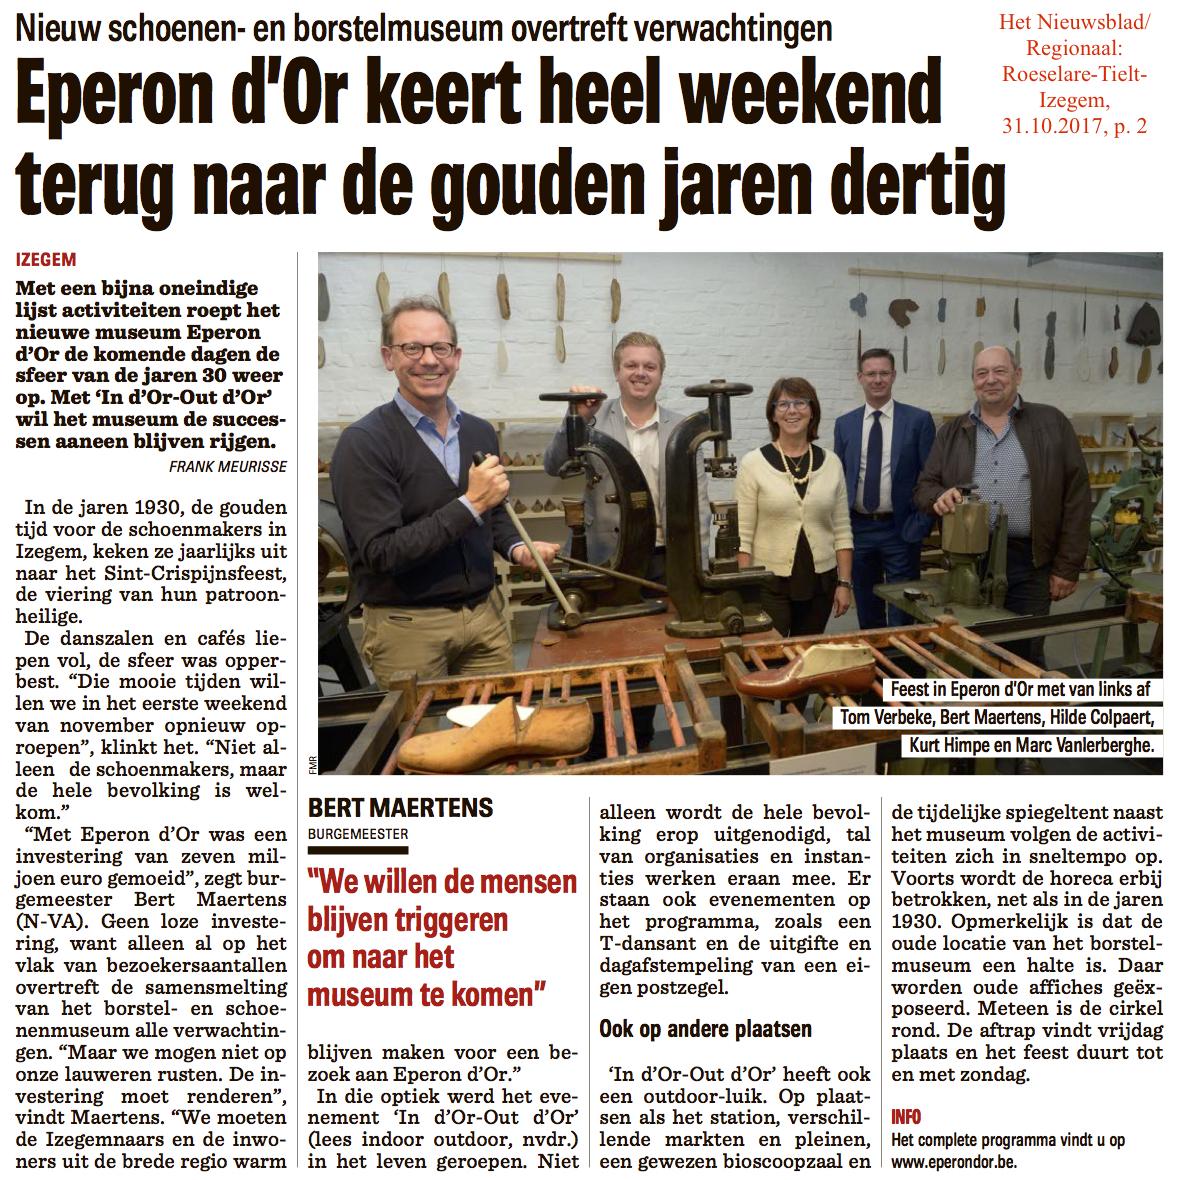 Het Nieuwsblad/Regionaal: Roeselare-Tielt-Izegem, 31.10.2017, p. 2